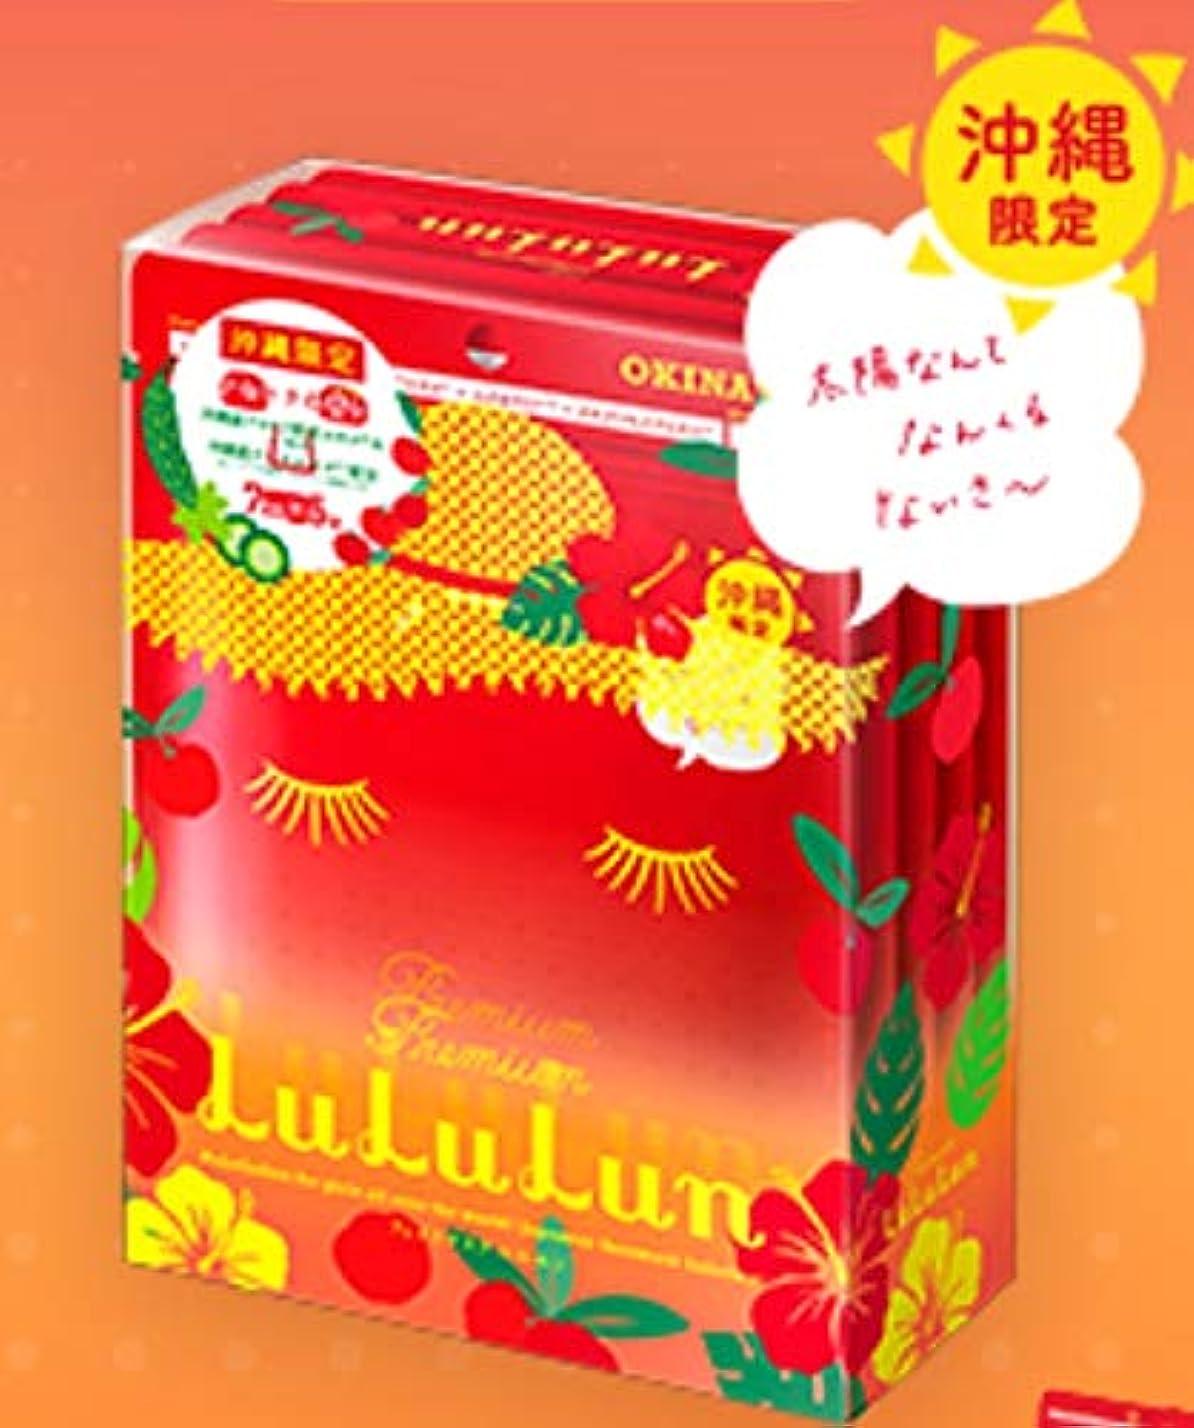 農村翻訳者ダイバー沖縄のプレミアムルルルン フェイスマスク アセロラの香り 7枚×5袋